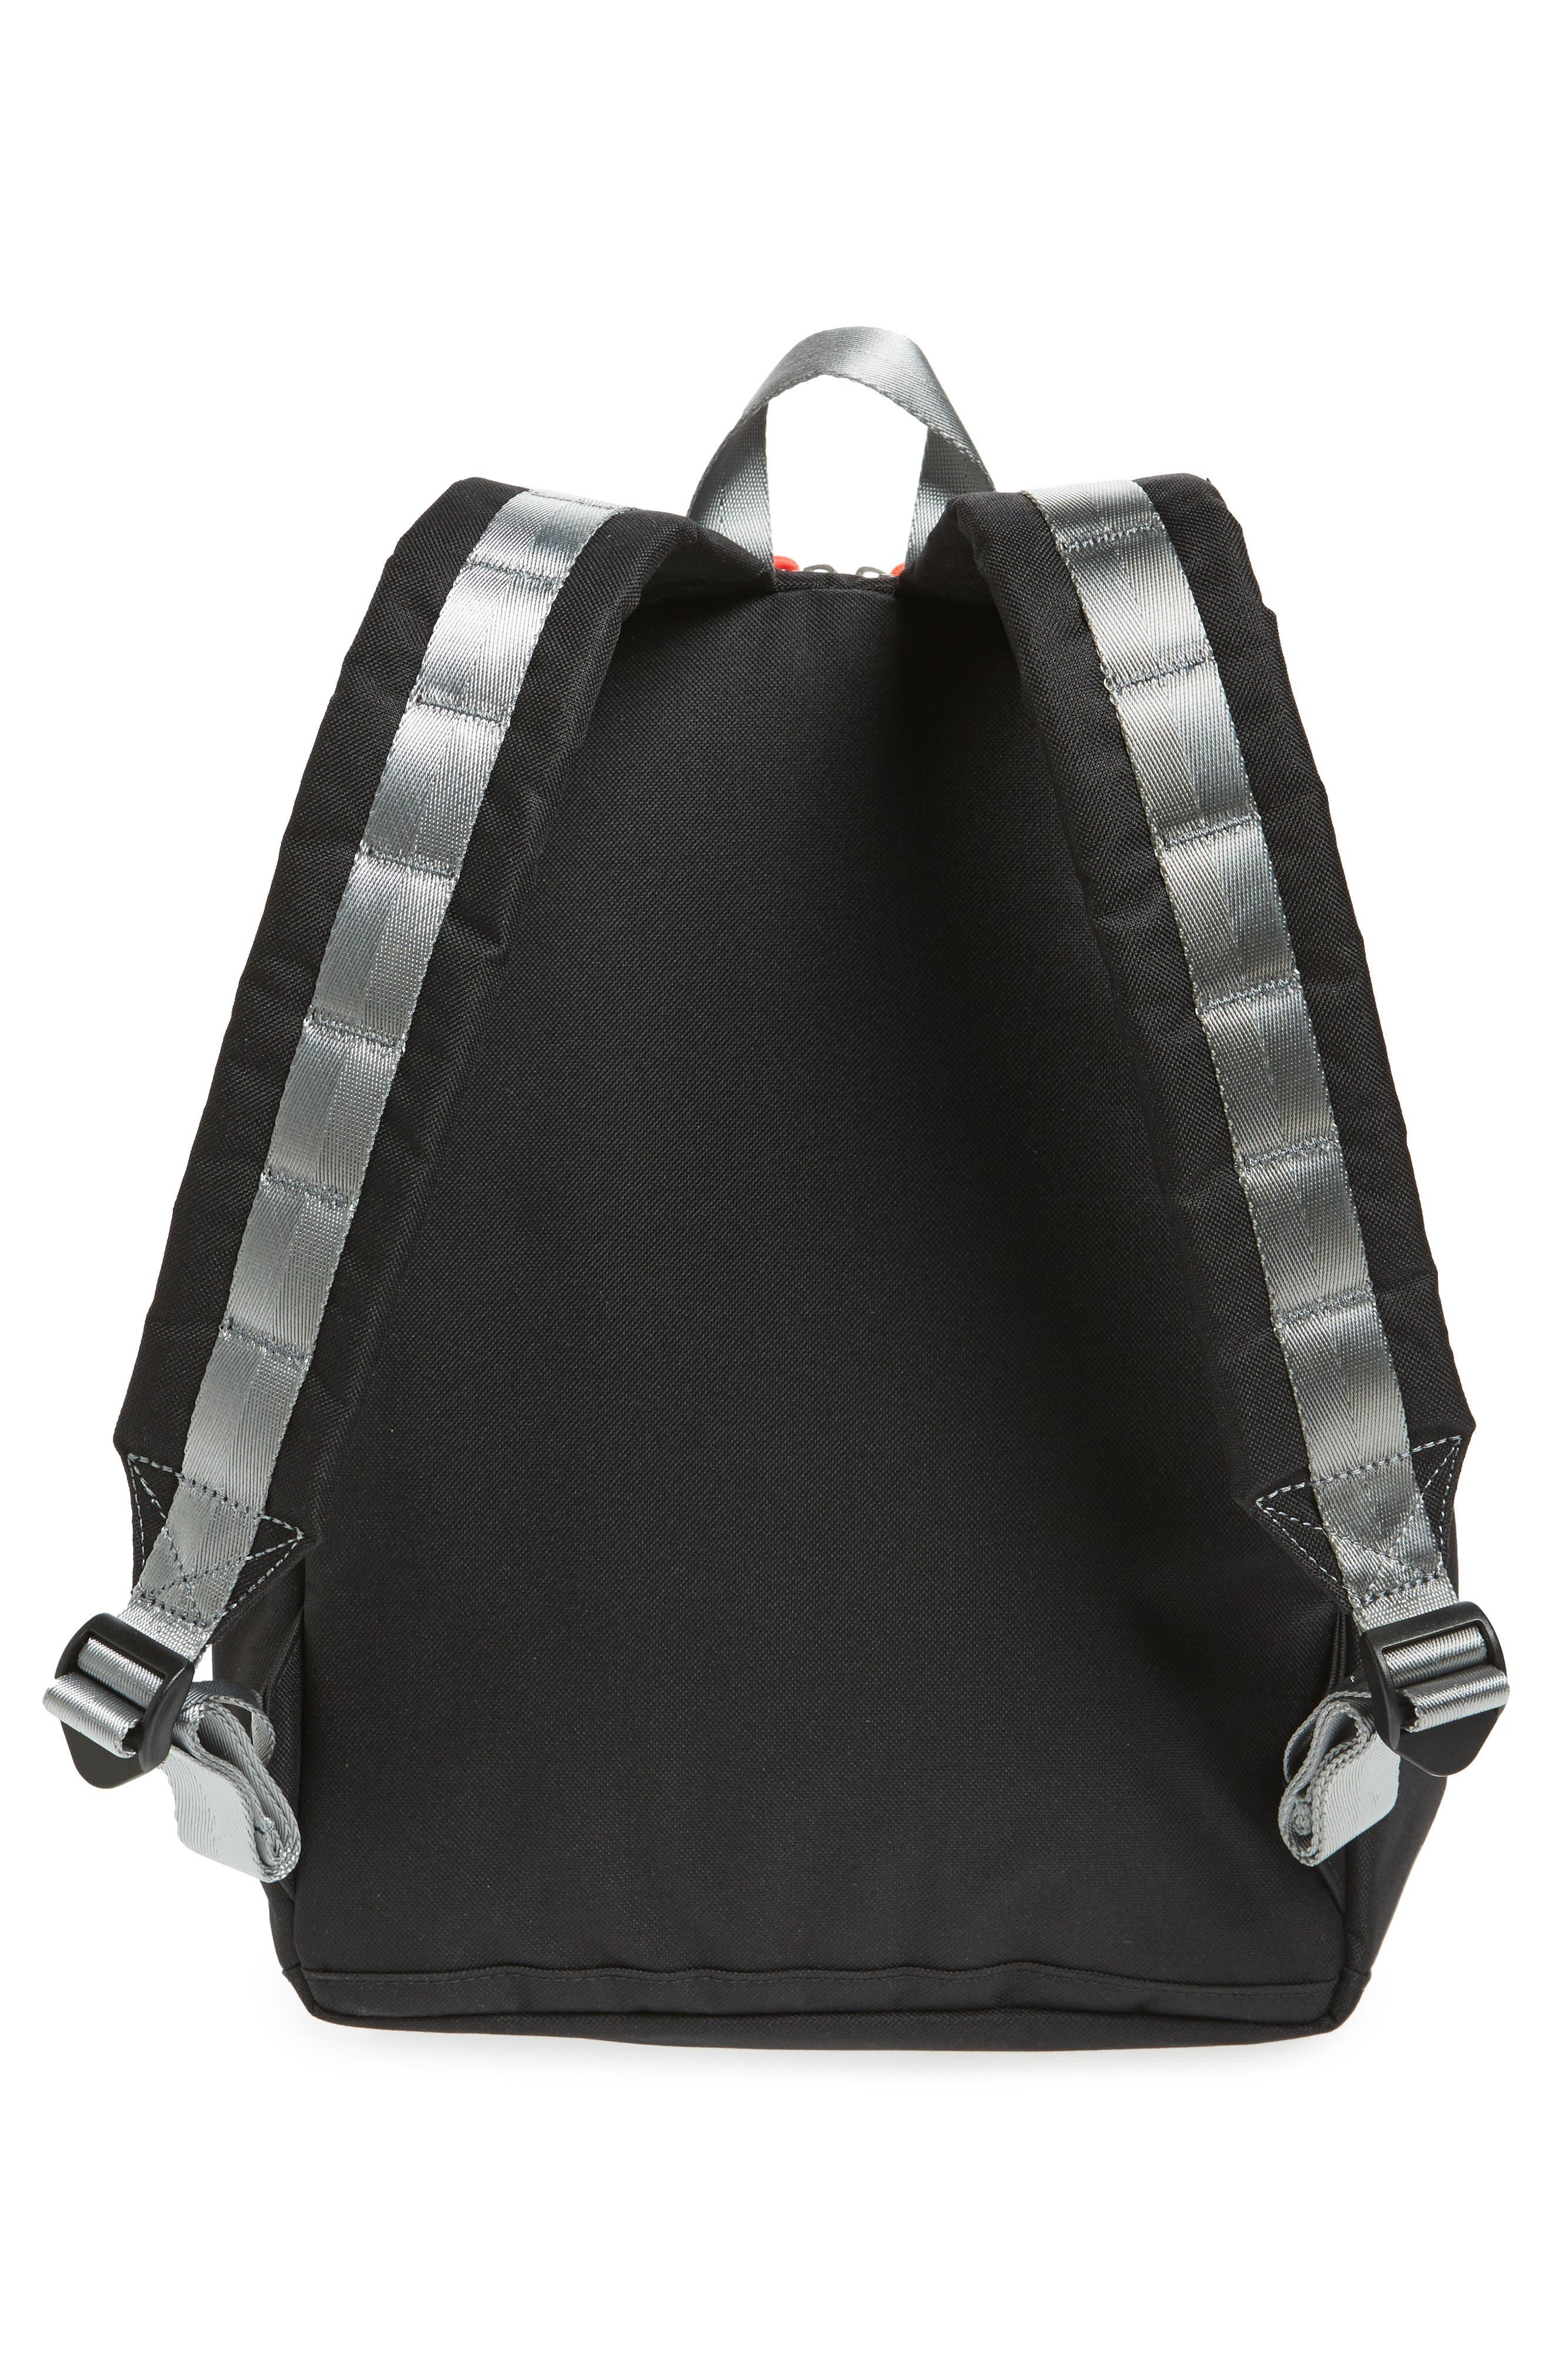 Star Wars<sup>™</sup> - Darth Vader Kane Backpack,                             Alternate thumbnail 3, color,                             Black/ Gray